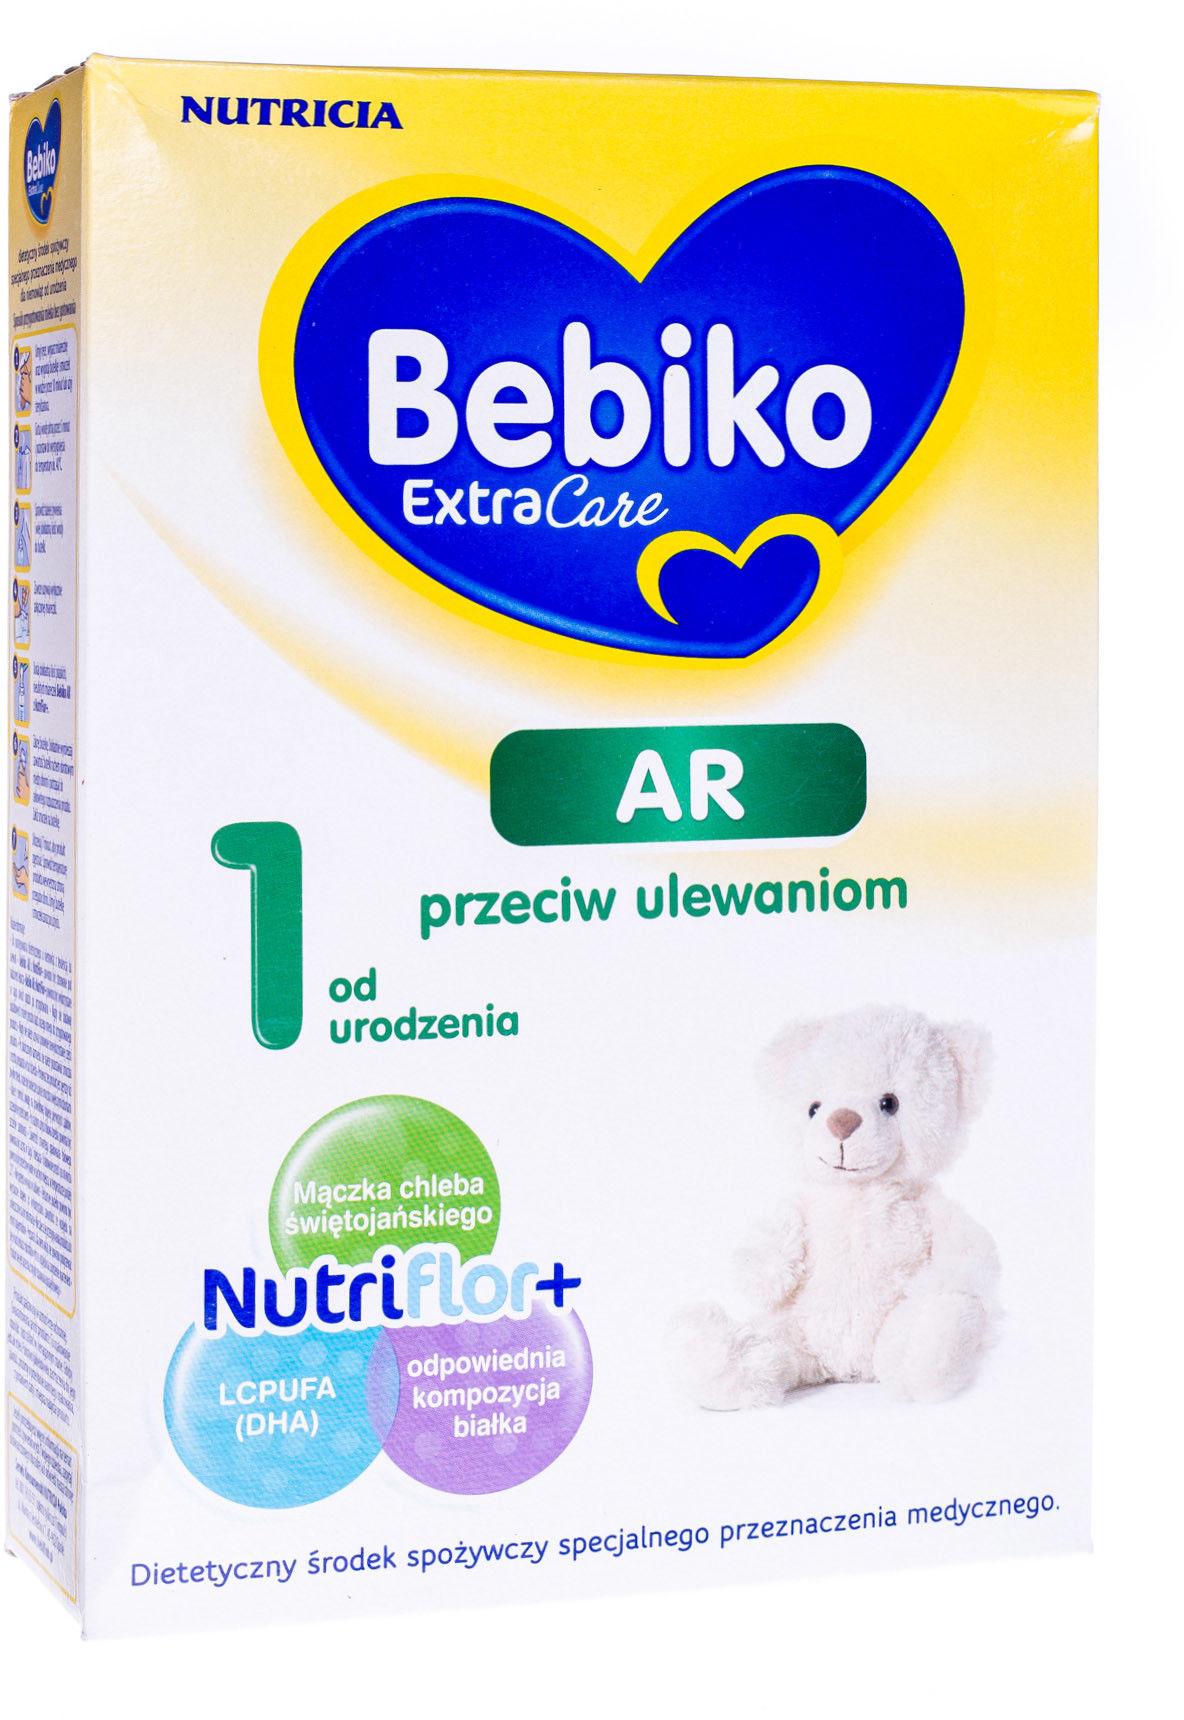 Bebiko Extra Care AR 1 specjalistyczne mleko modyfikowane przeciw ulewaniom od urodzenia 350 g